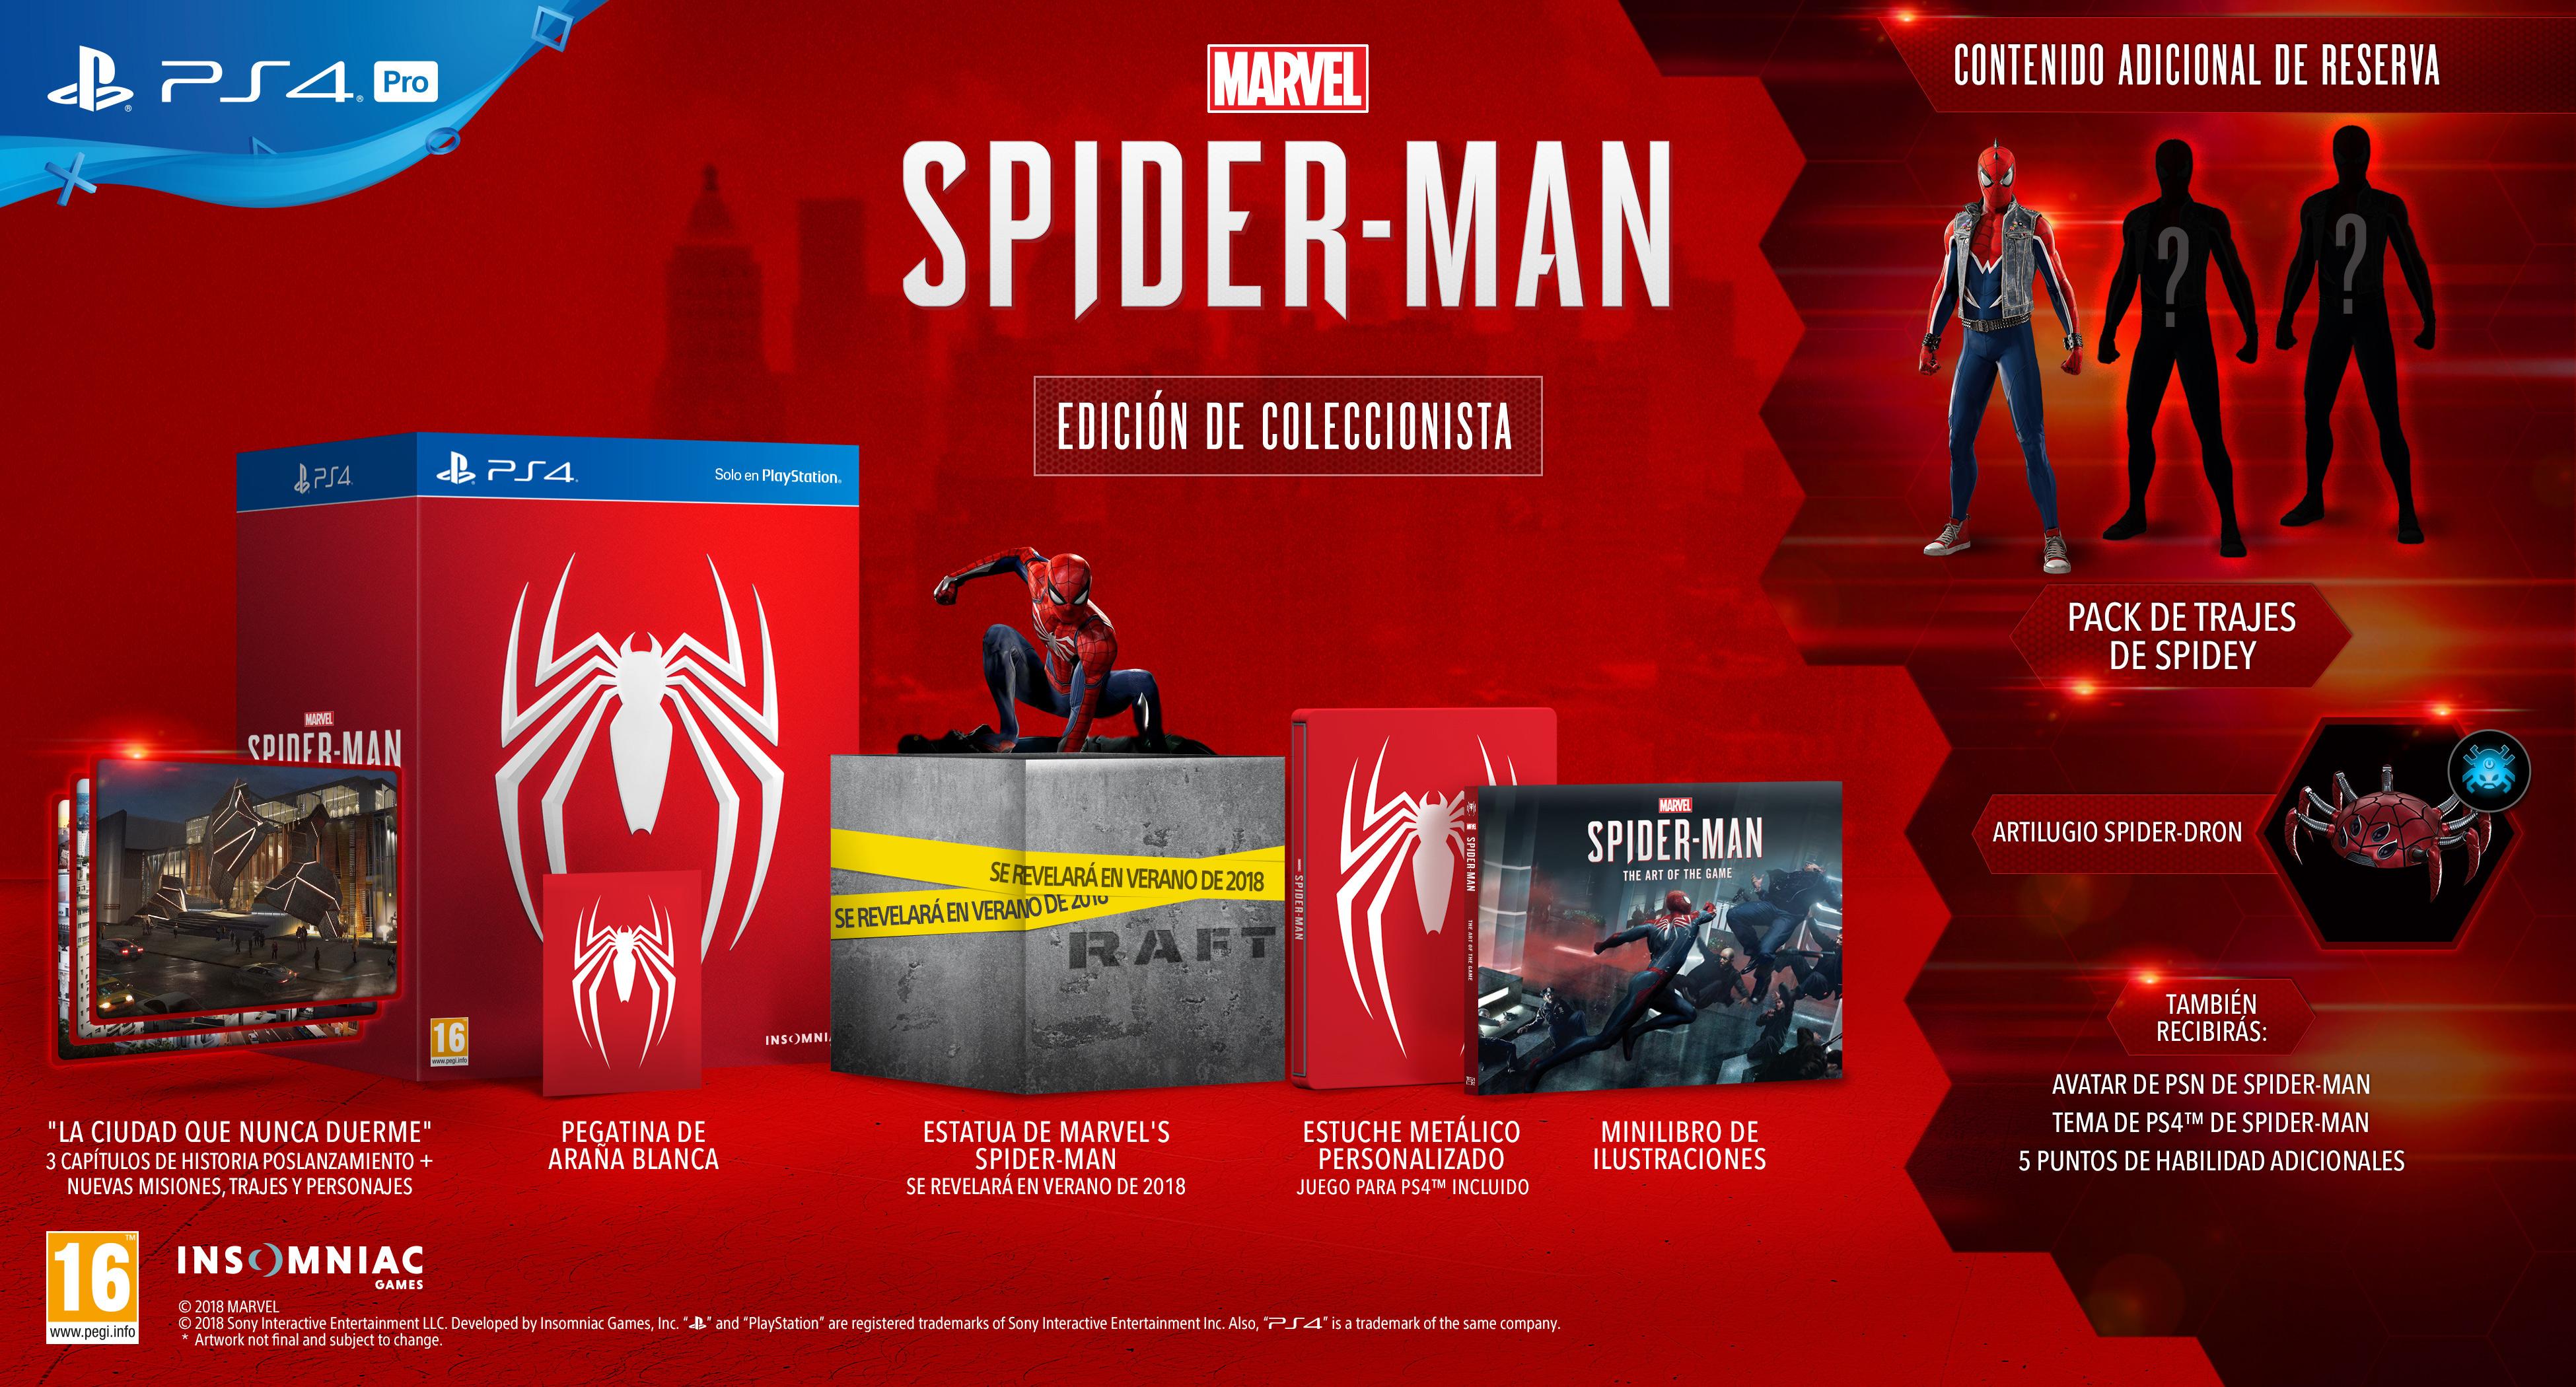 Anunciamos El Lanzamiento De Marvel S Spider Man El 7 De Septiembre